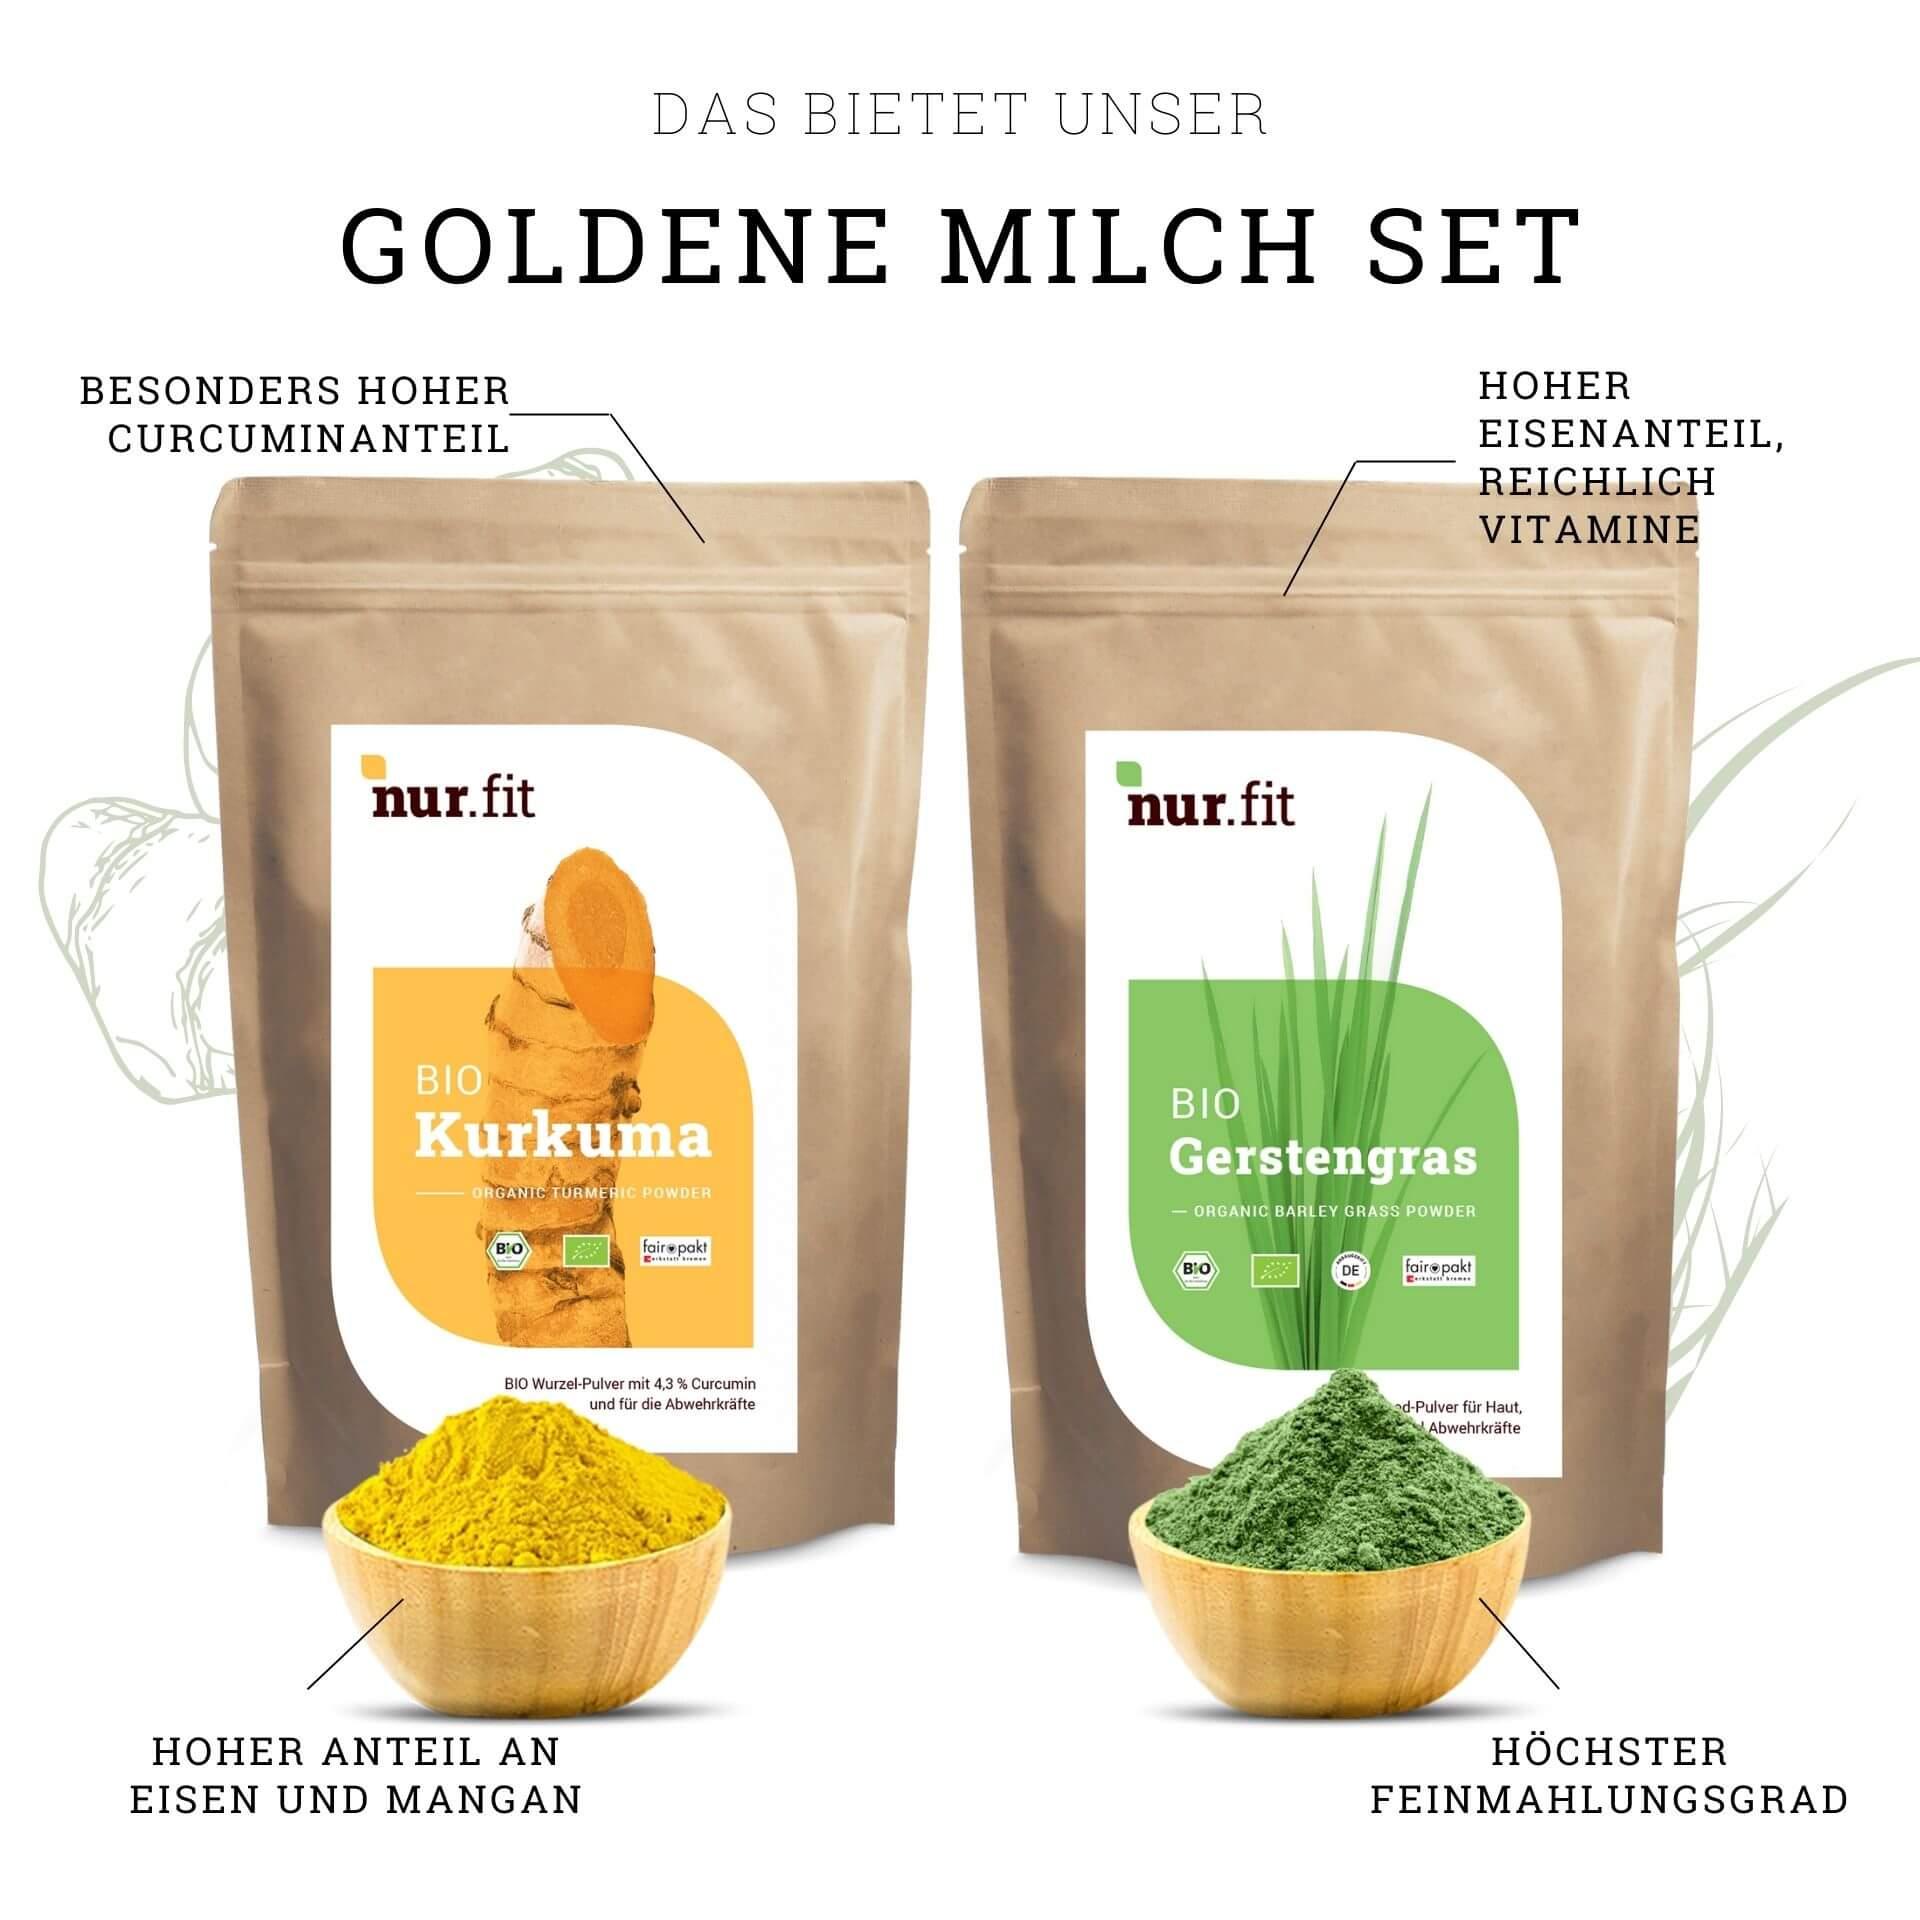 Goldene Milch Set mit BIO Gerstengras